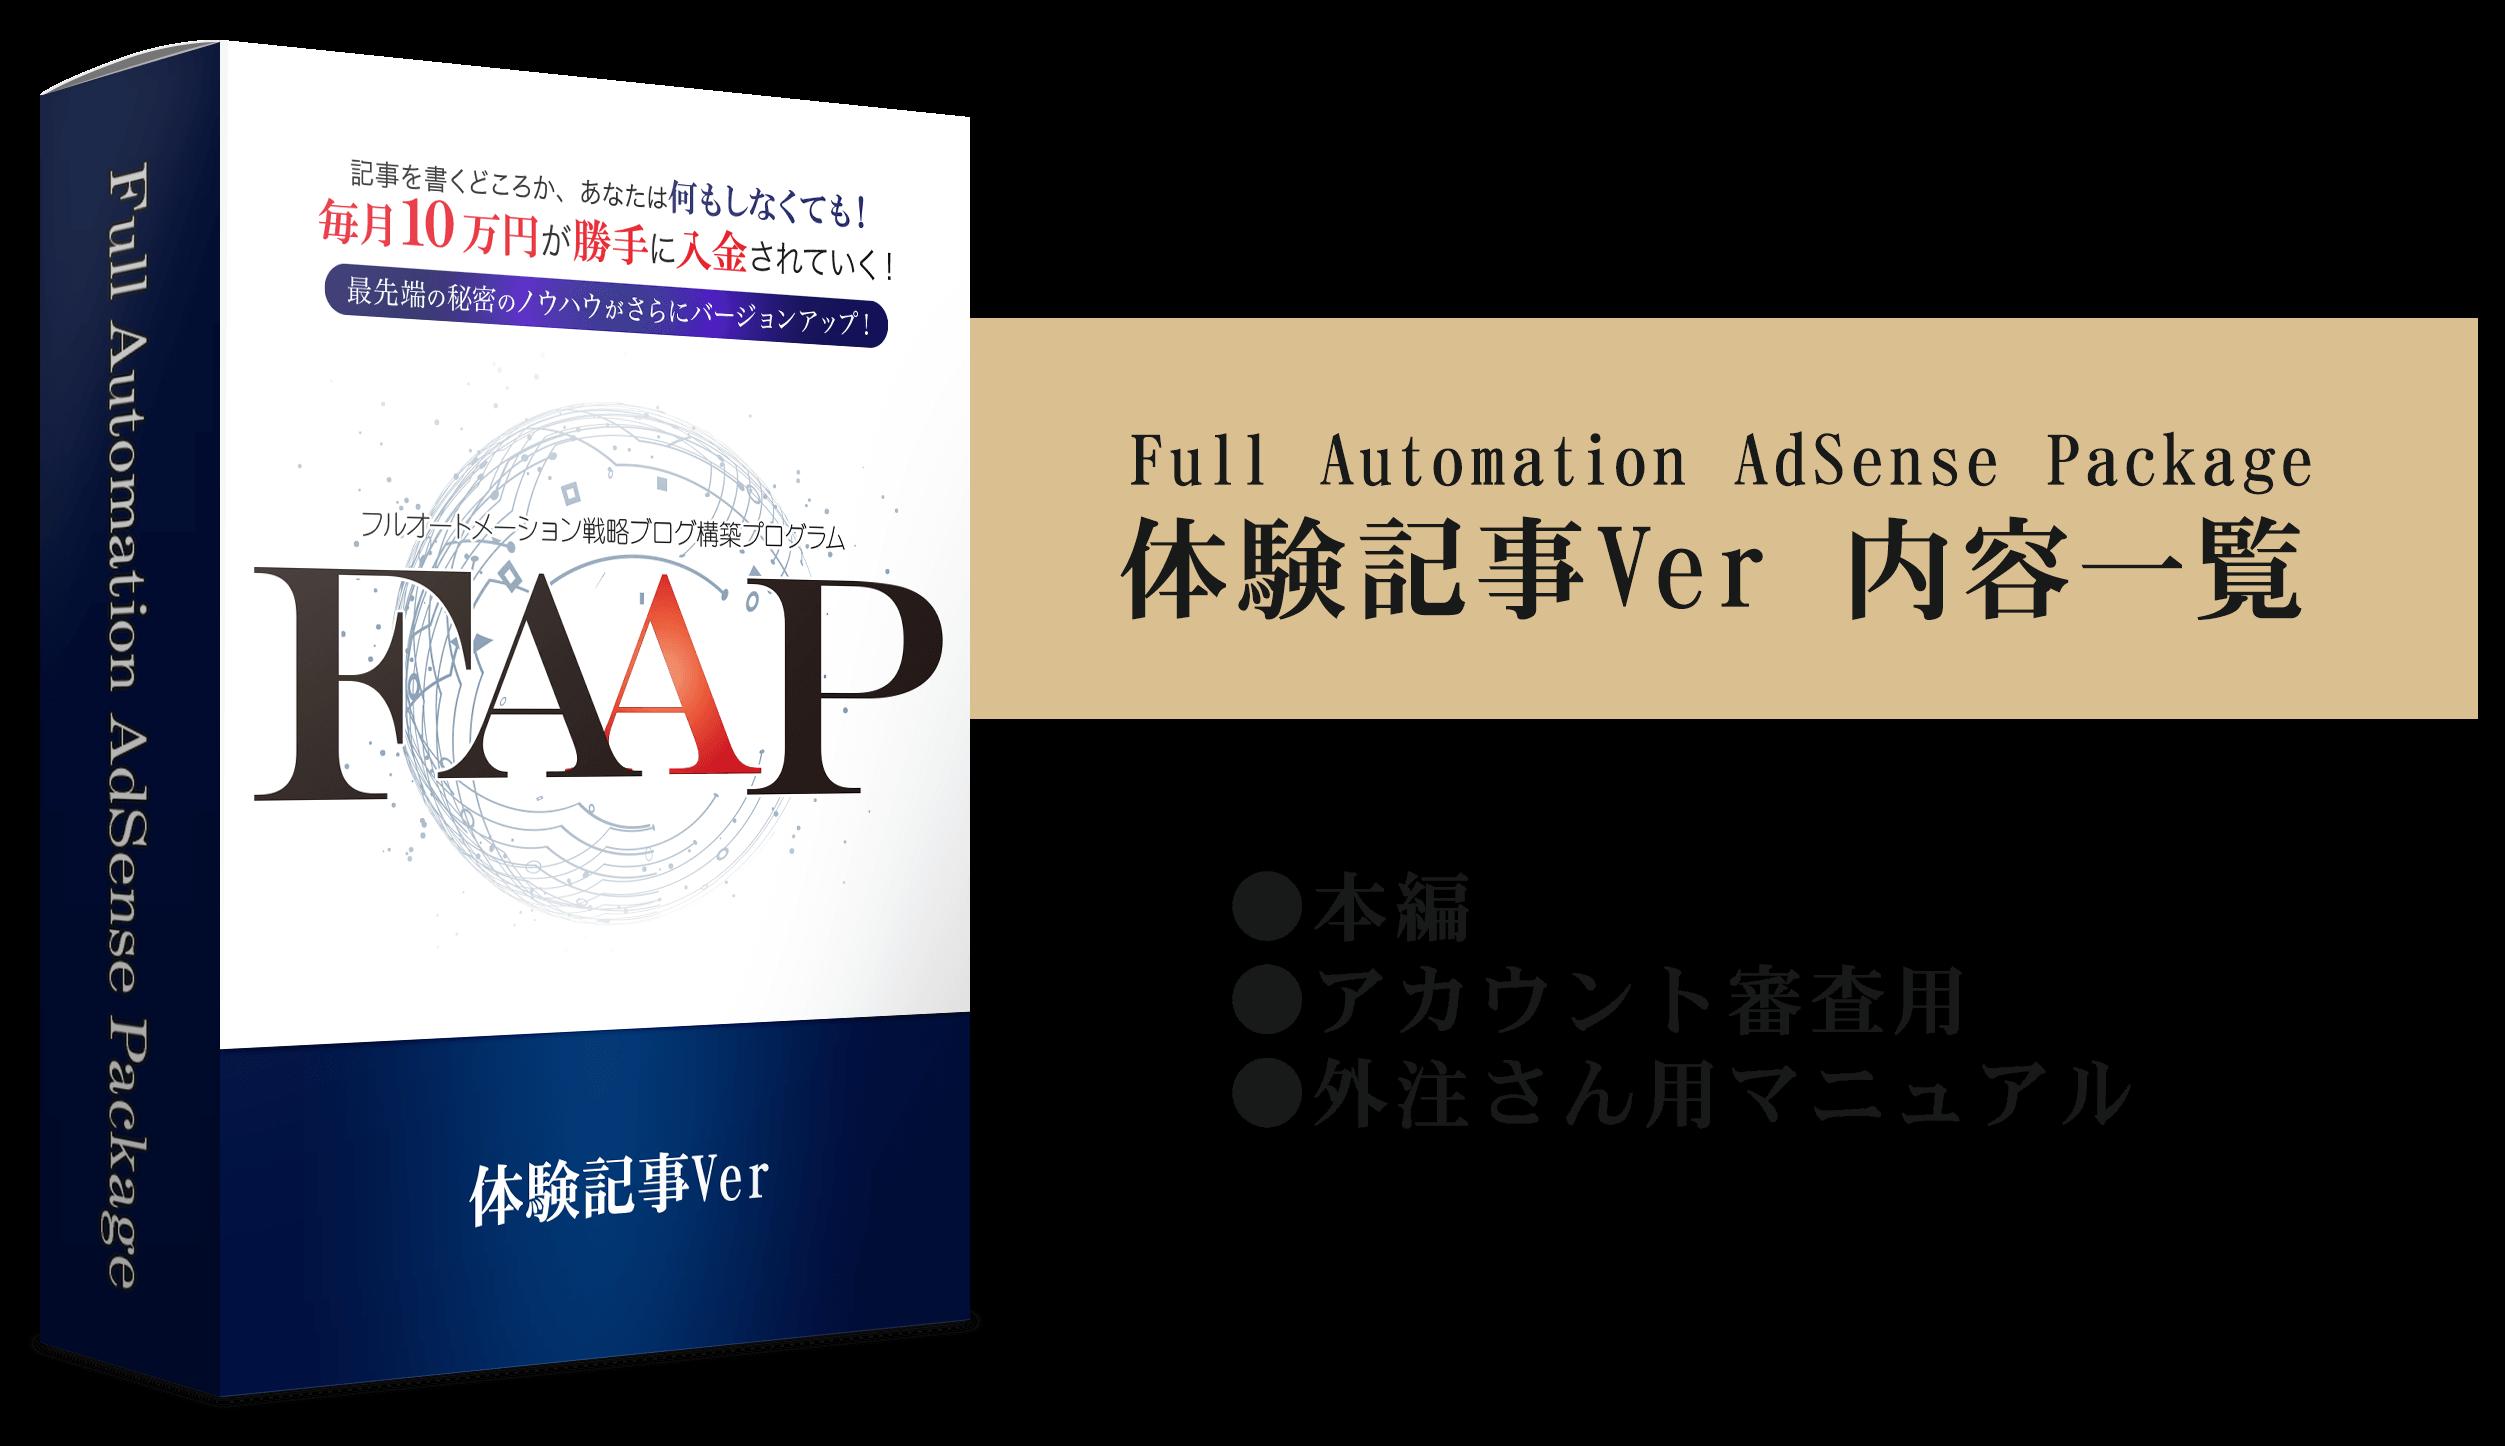 FAAP体験記事Ver